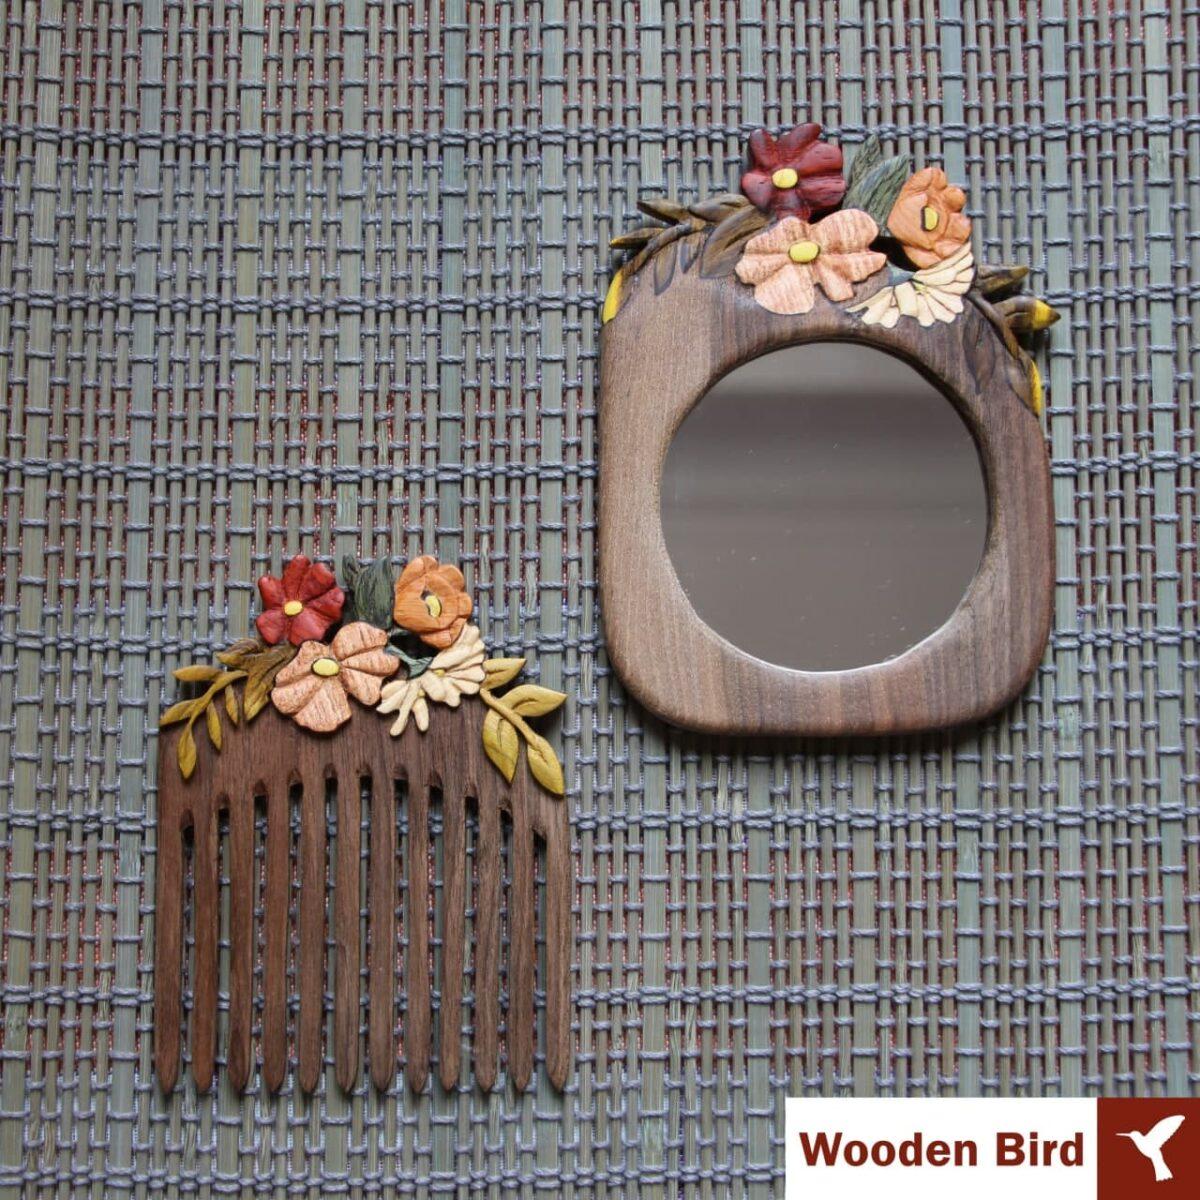 ست شانه و آینه و قاب عکس چوبی